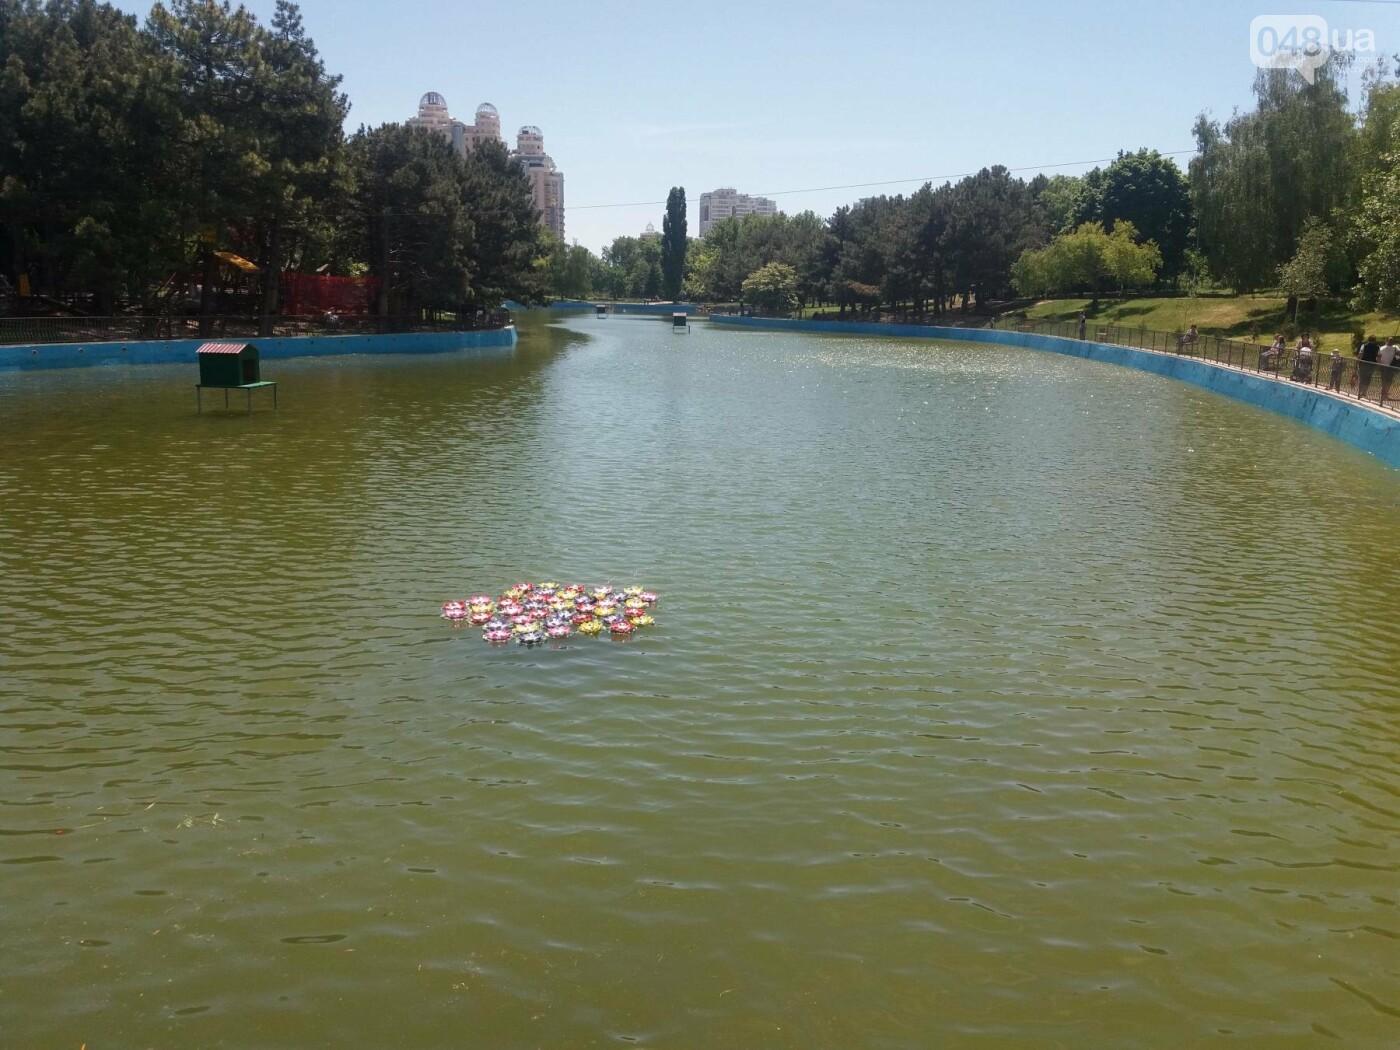 В Одесском парке заполняют водой очищенный пруд и устанавливают «сказочные лилии», - ФОТО, ВИДЕО , фото-4